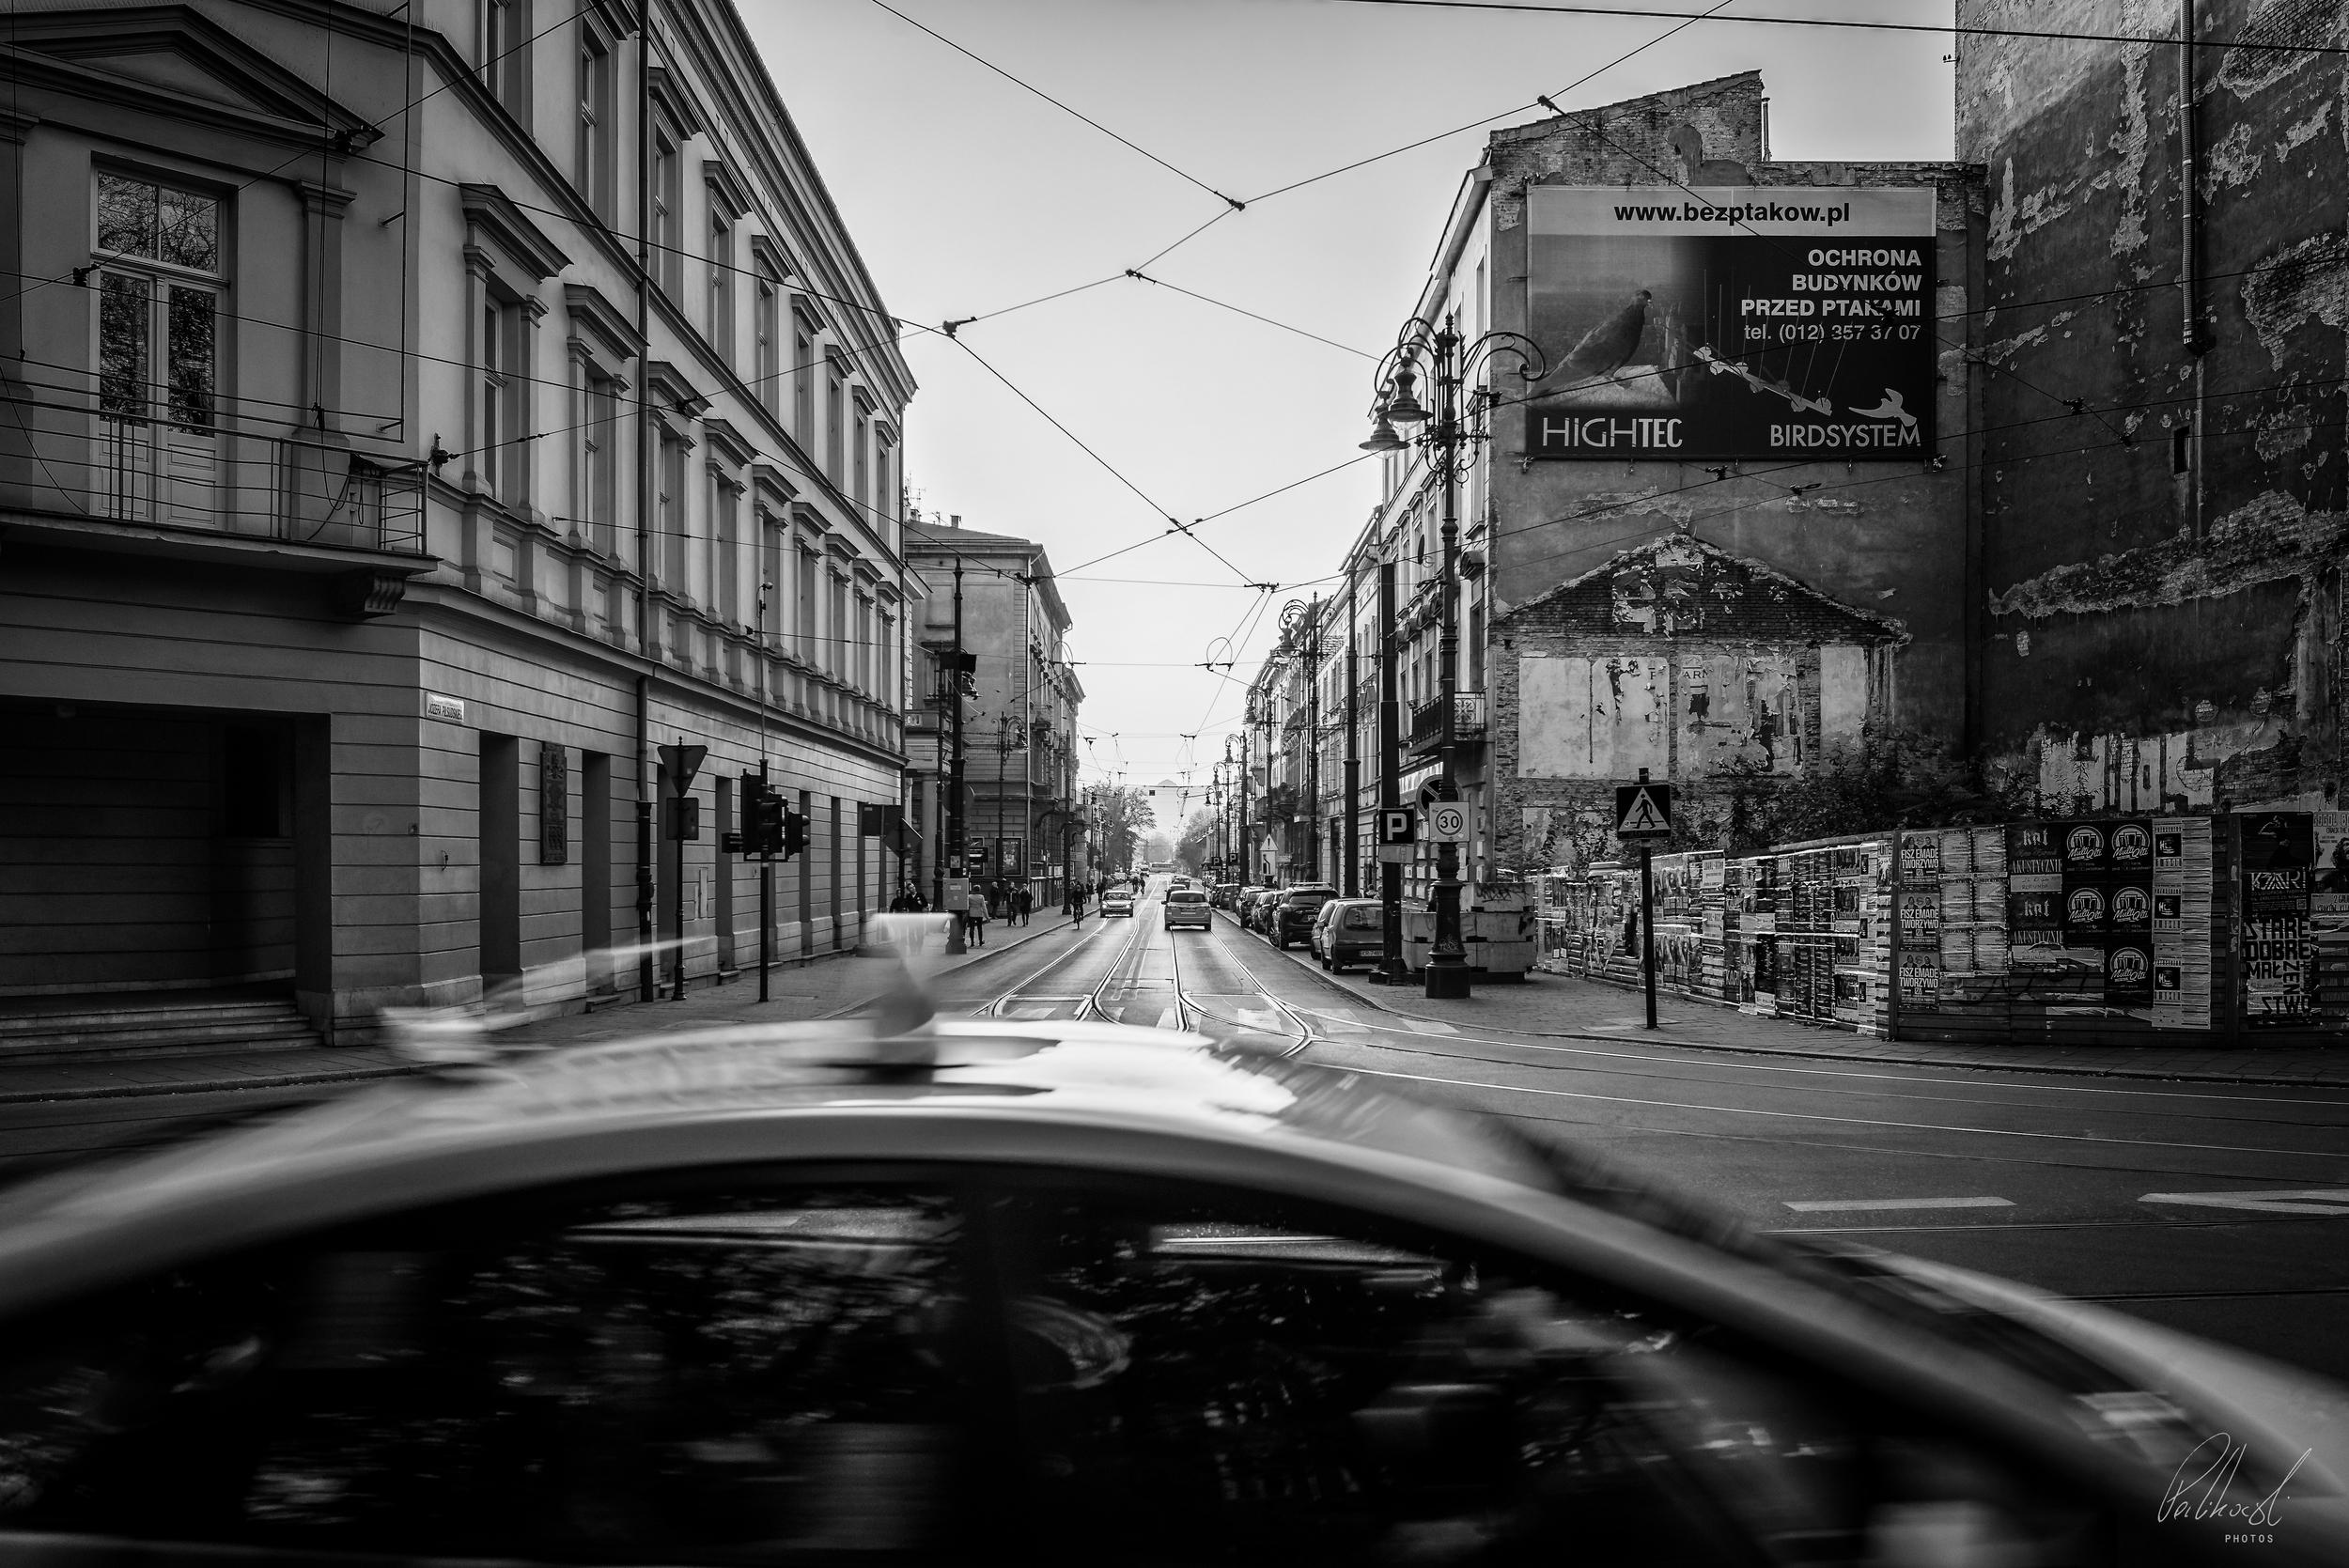 Ulica Piłsudskiego